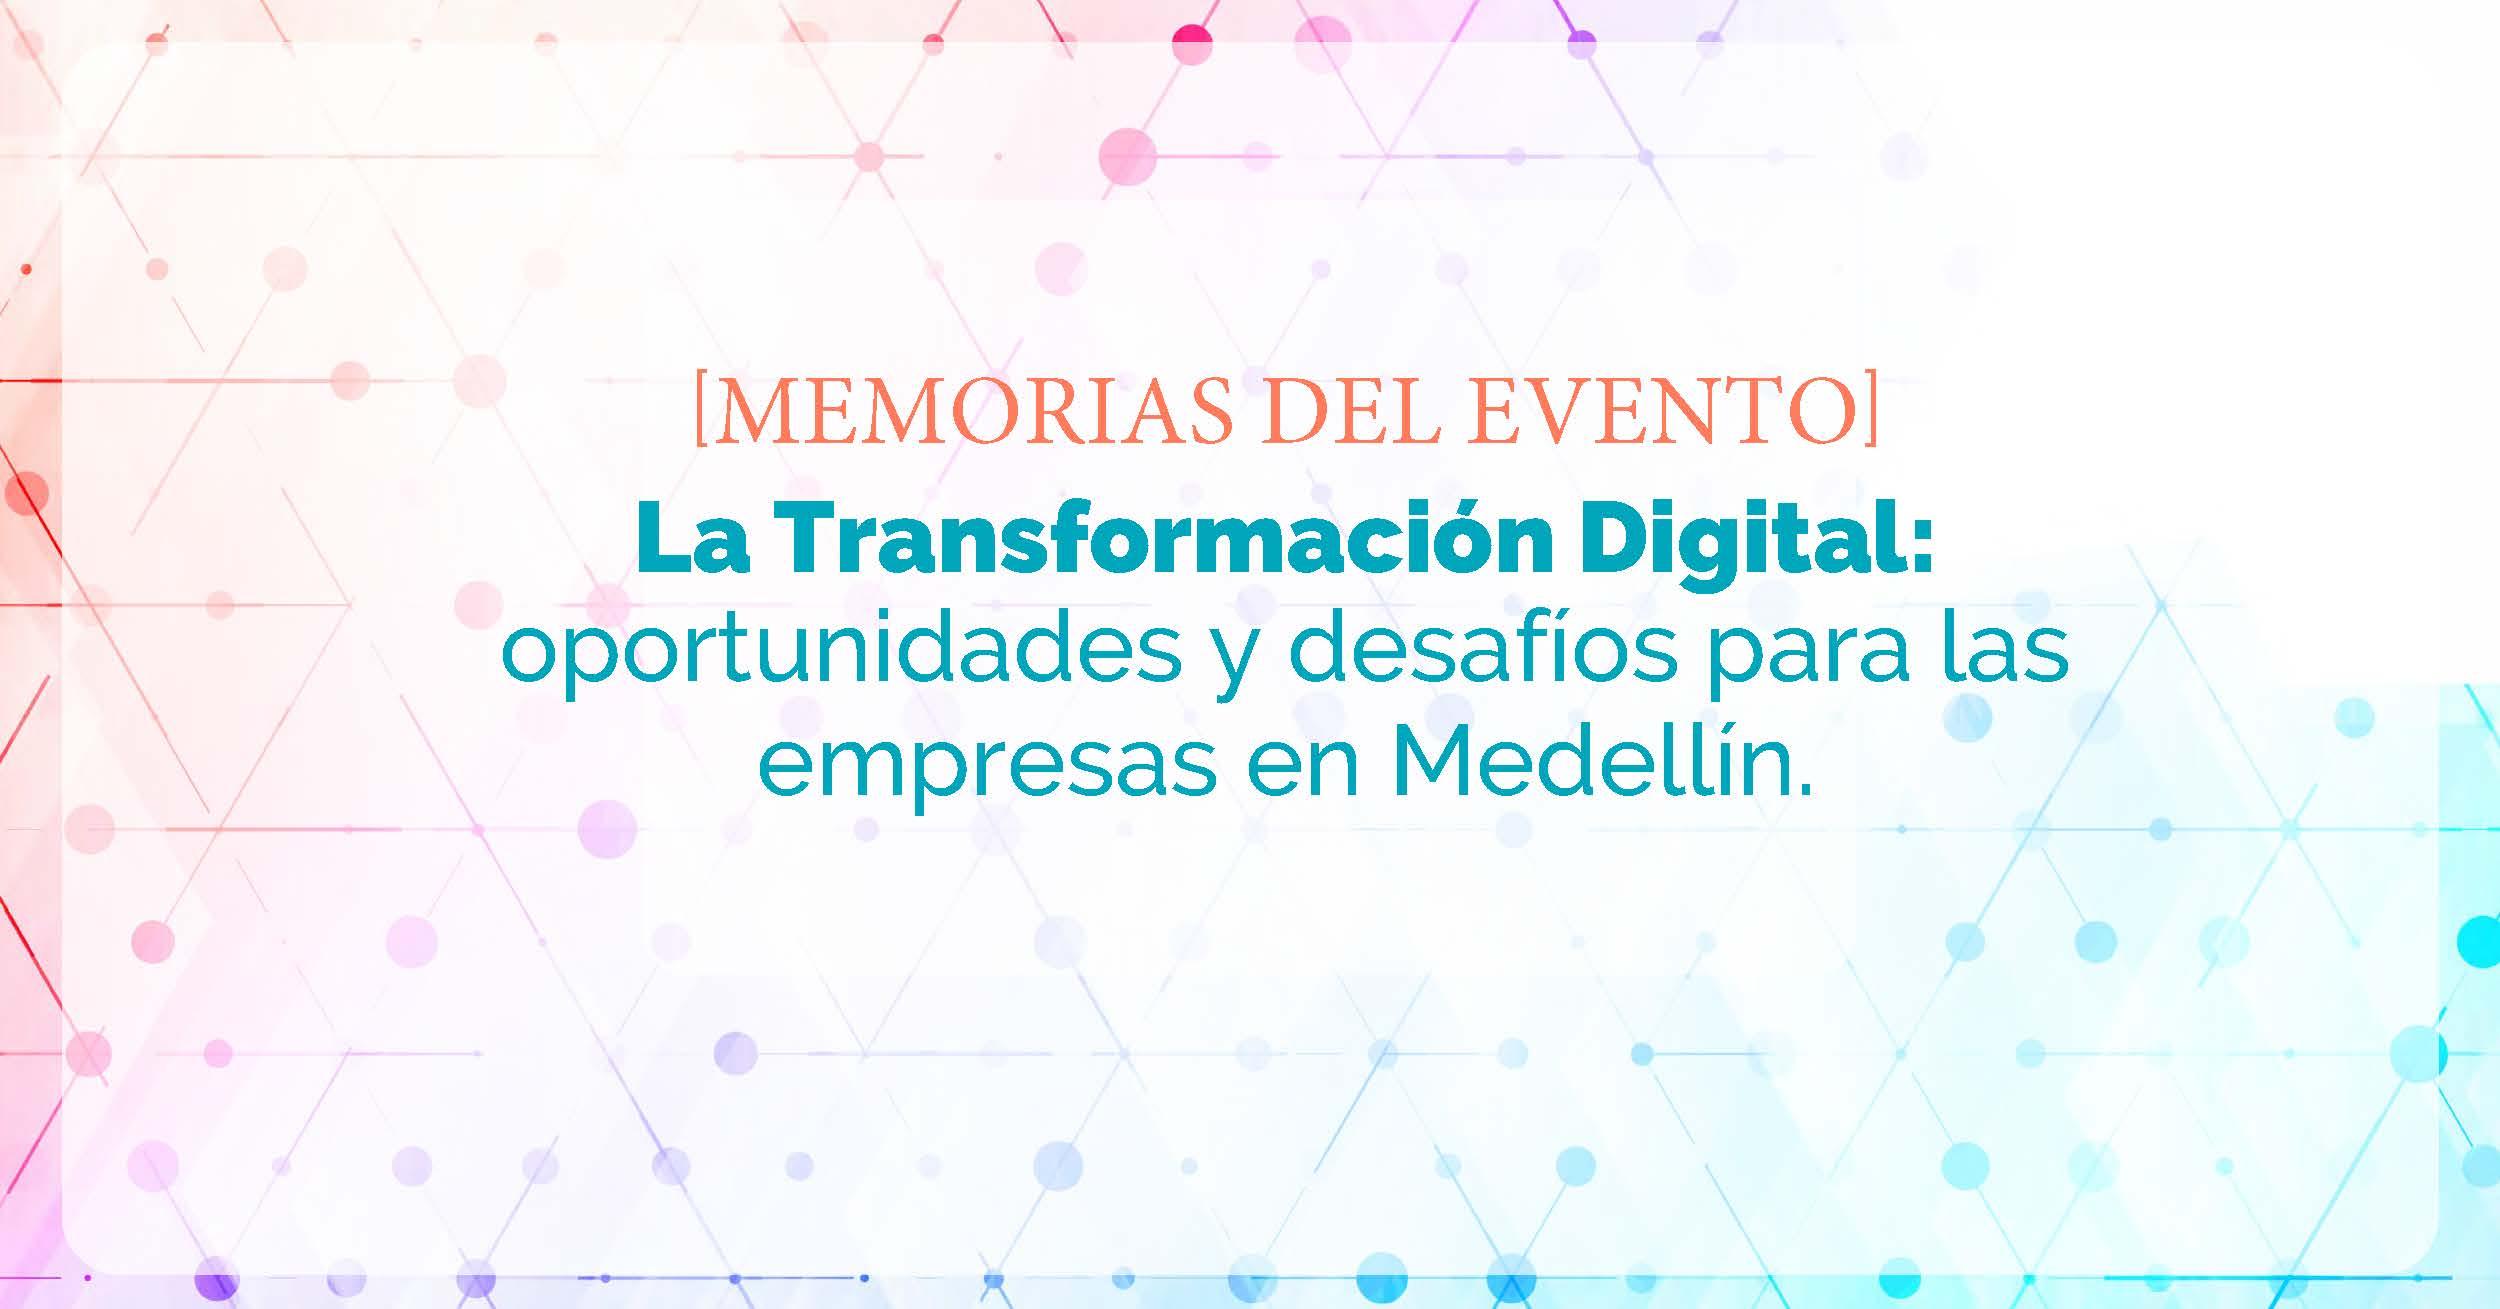 Memorias del evento sobre la transformación digital en Medellín